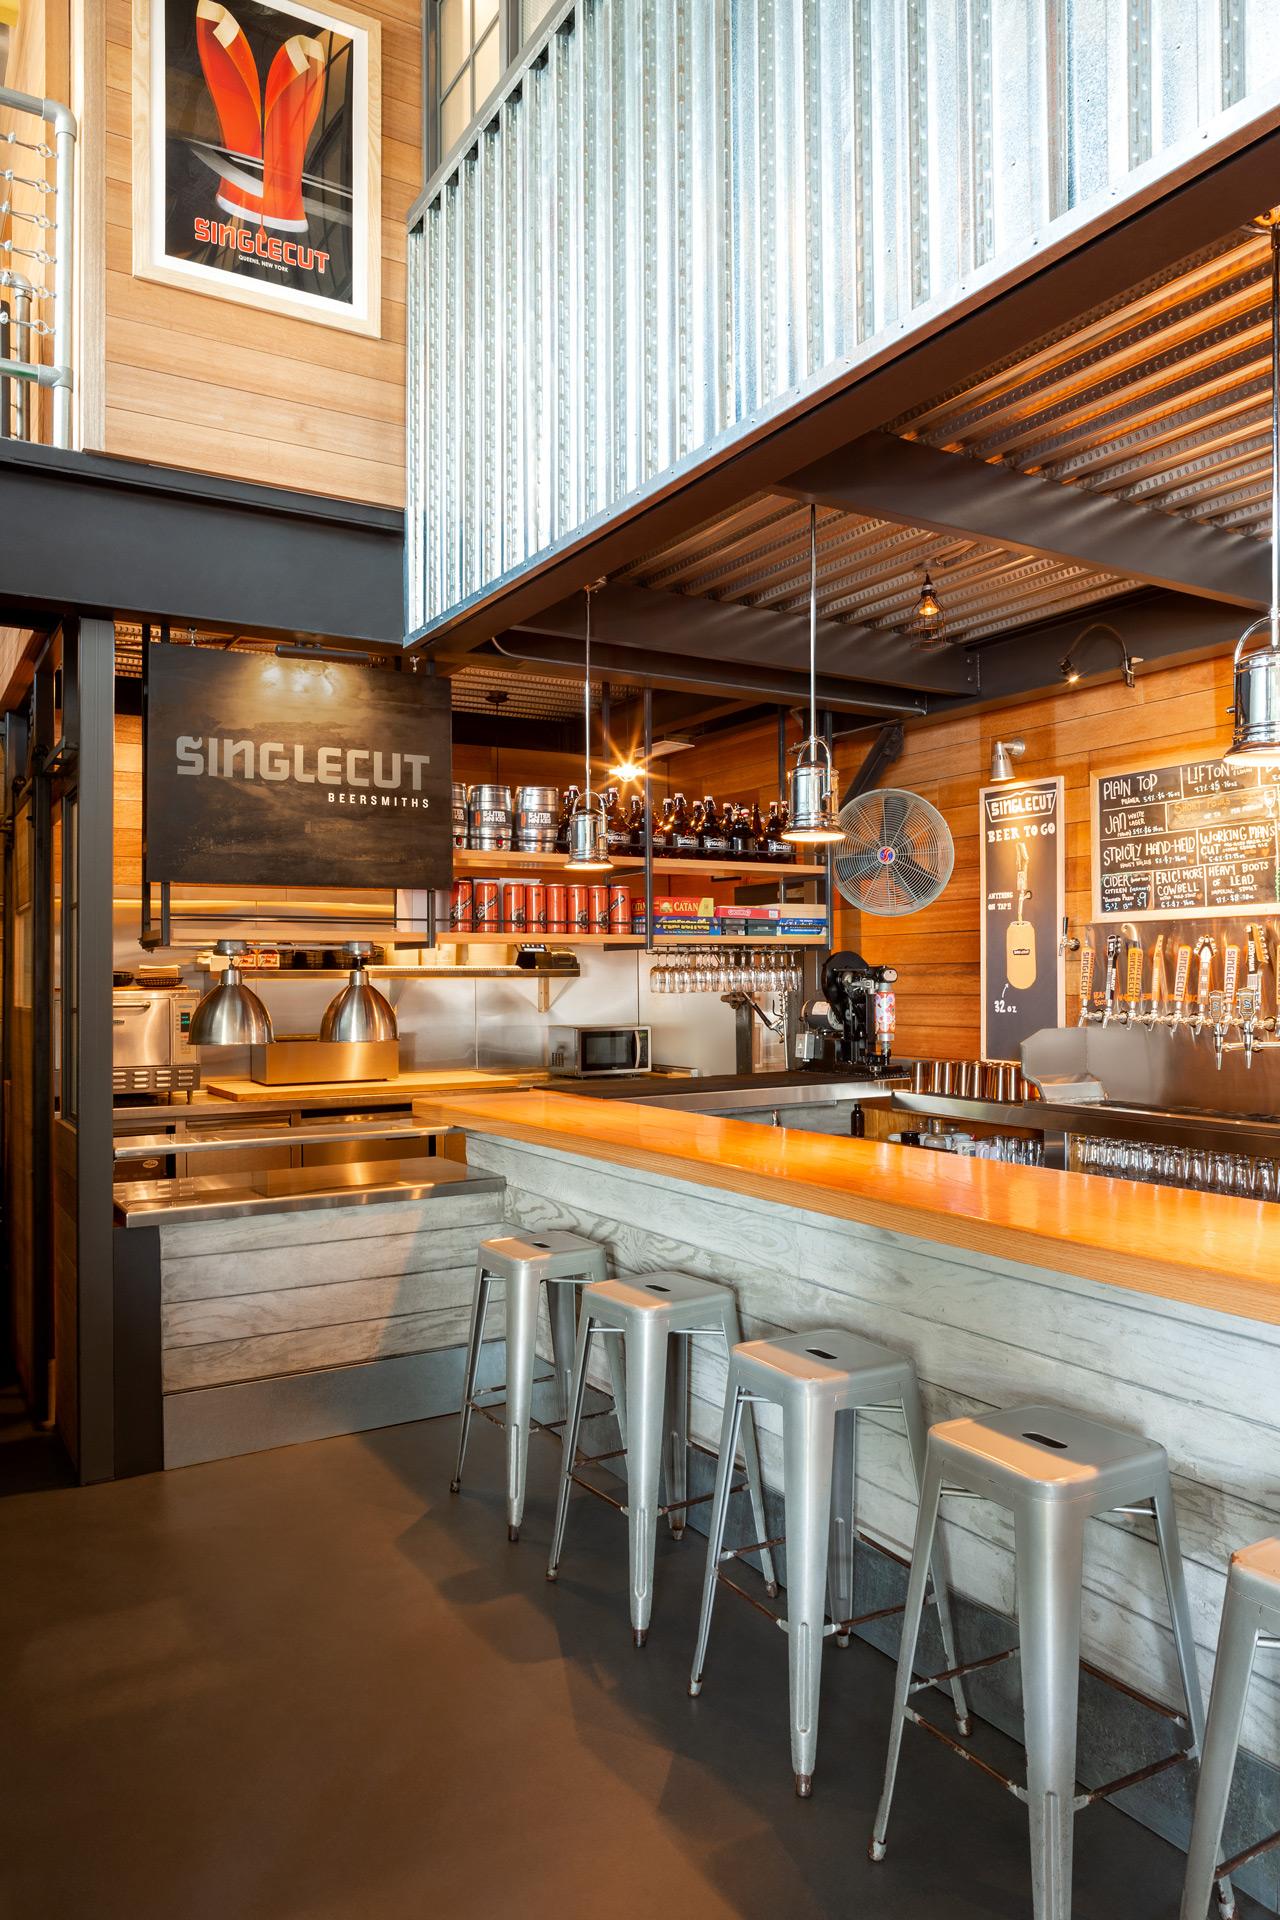 Singlecut Beersmiths restaurant